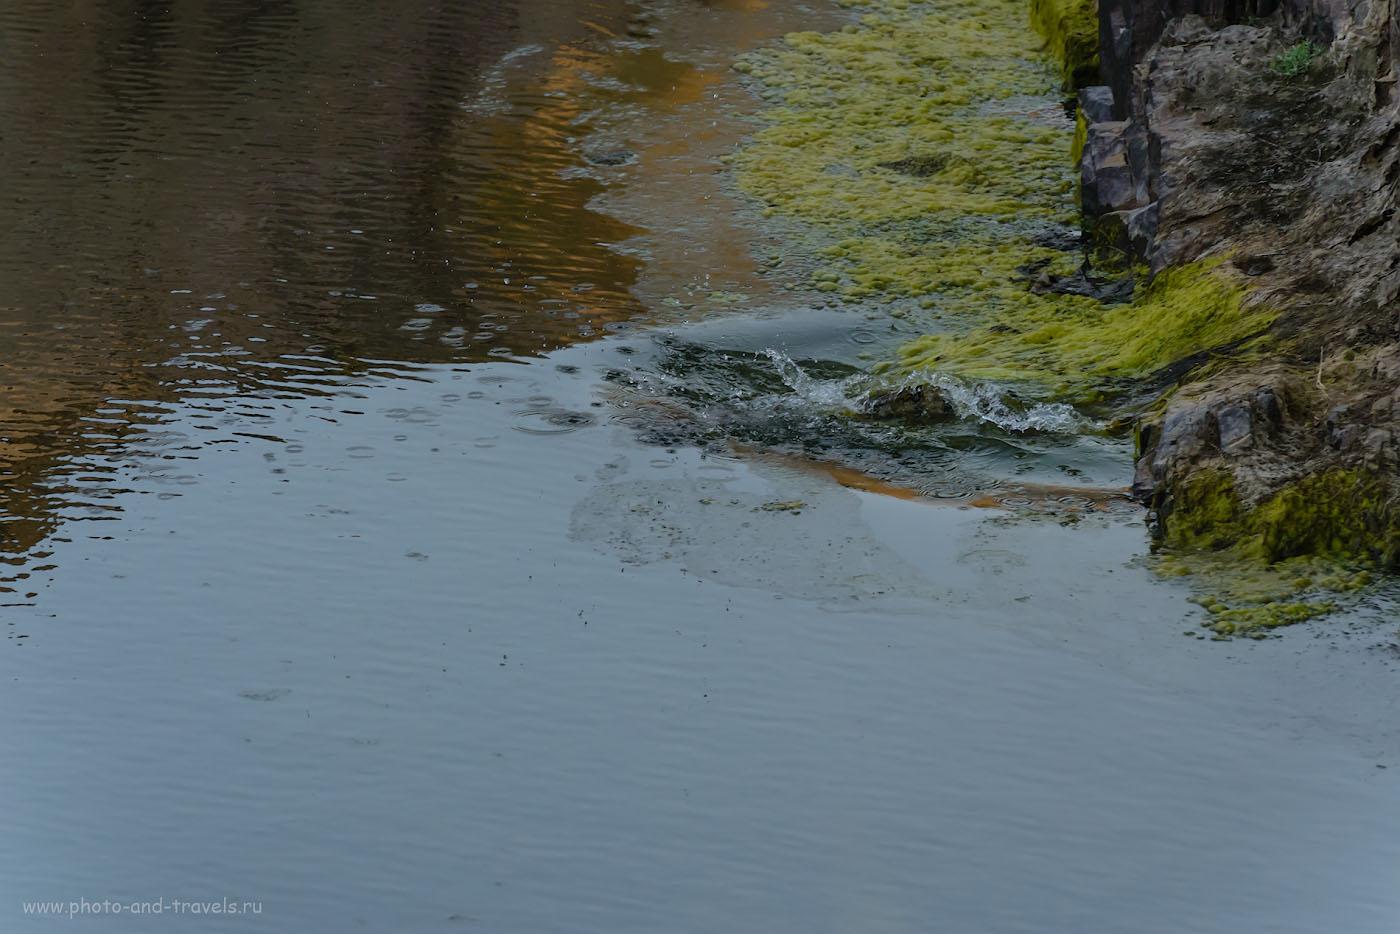 Фото 11. Когда на фотоохоте изменила удача. Как мы искали крокодила в каньоне реки Кен, что у водопадов Ранех. 1/640, -0.67, 9.0, 2500, 280.